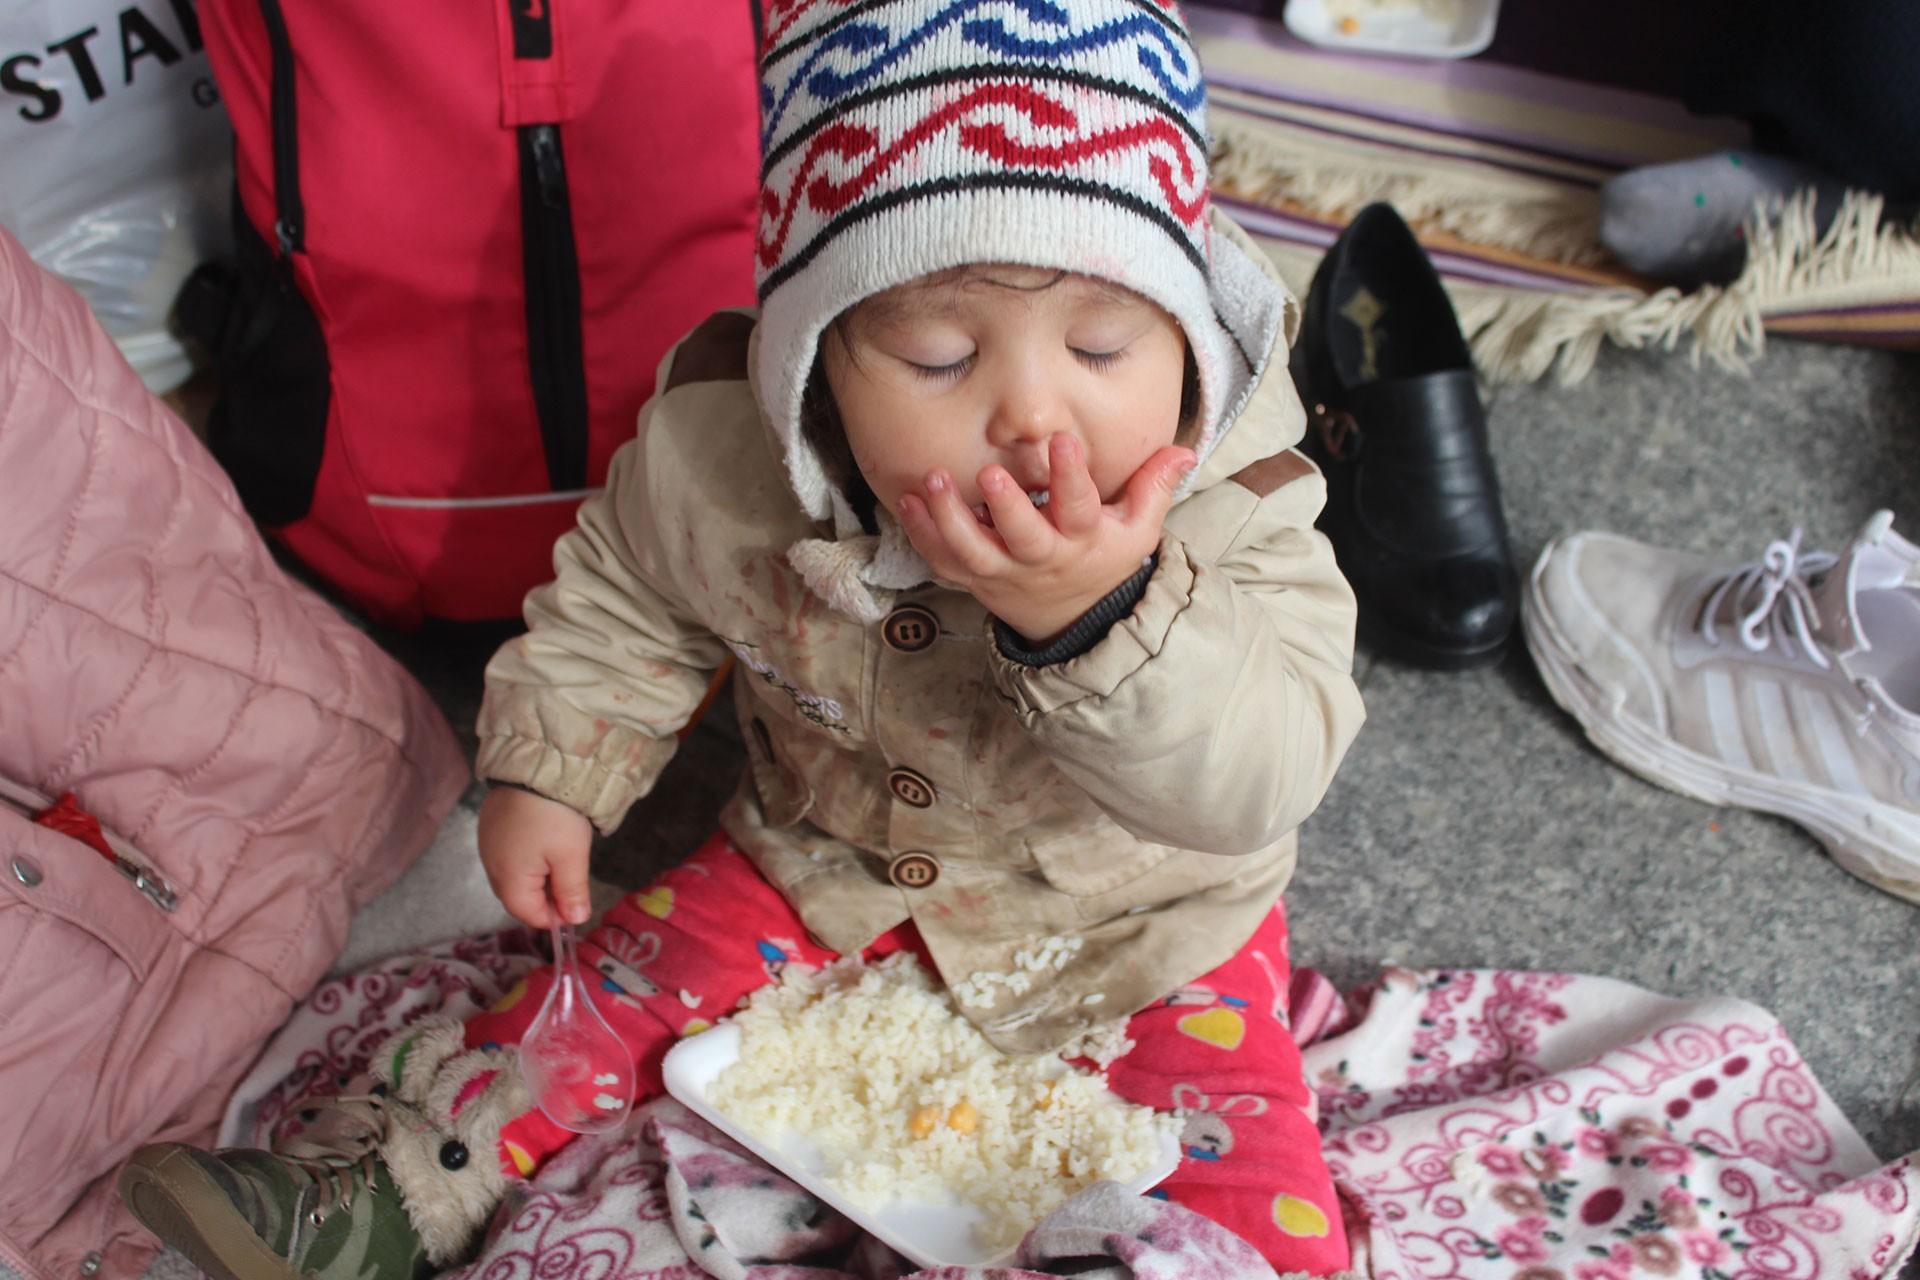 Yerde, betonda incecik battaniyenin üstünde oturan, yemek yiyen mülteci bir bebek.